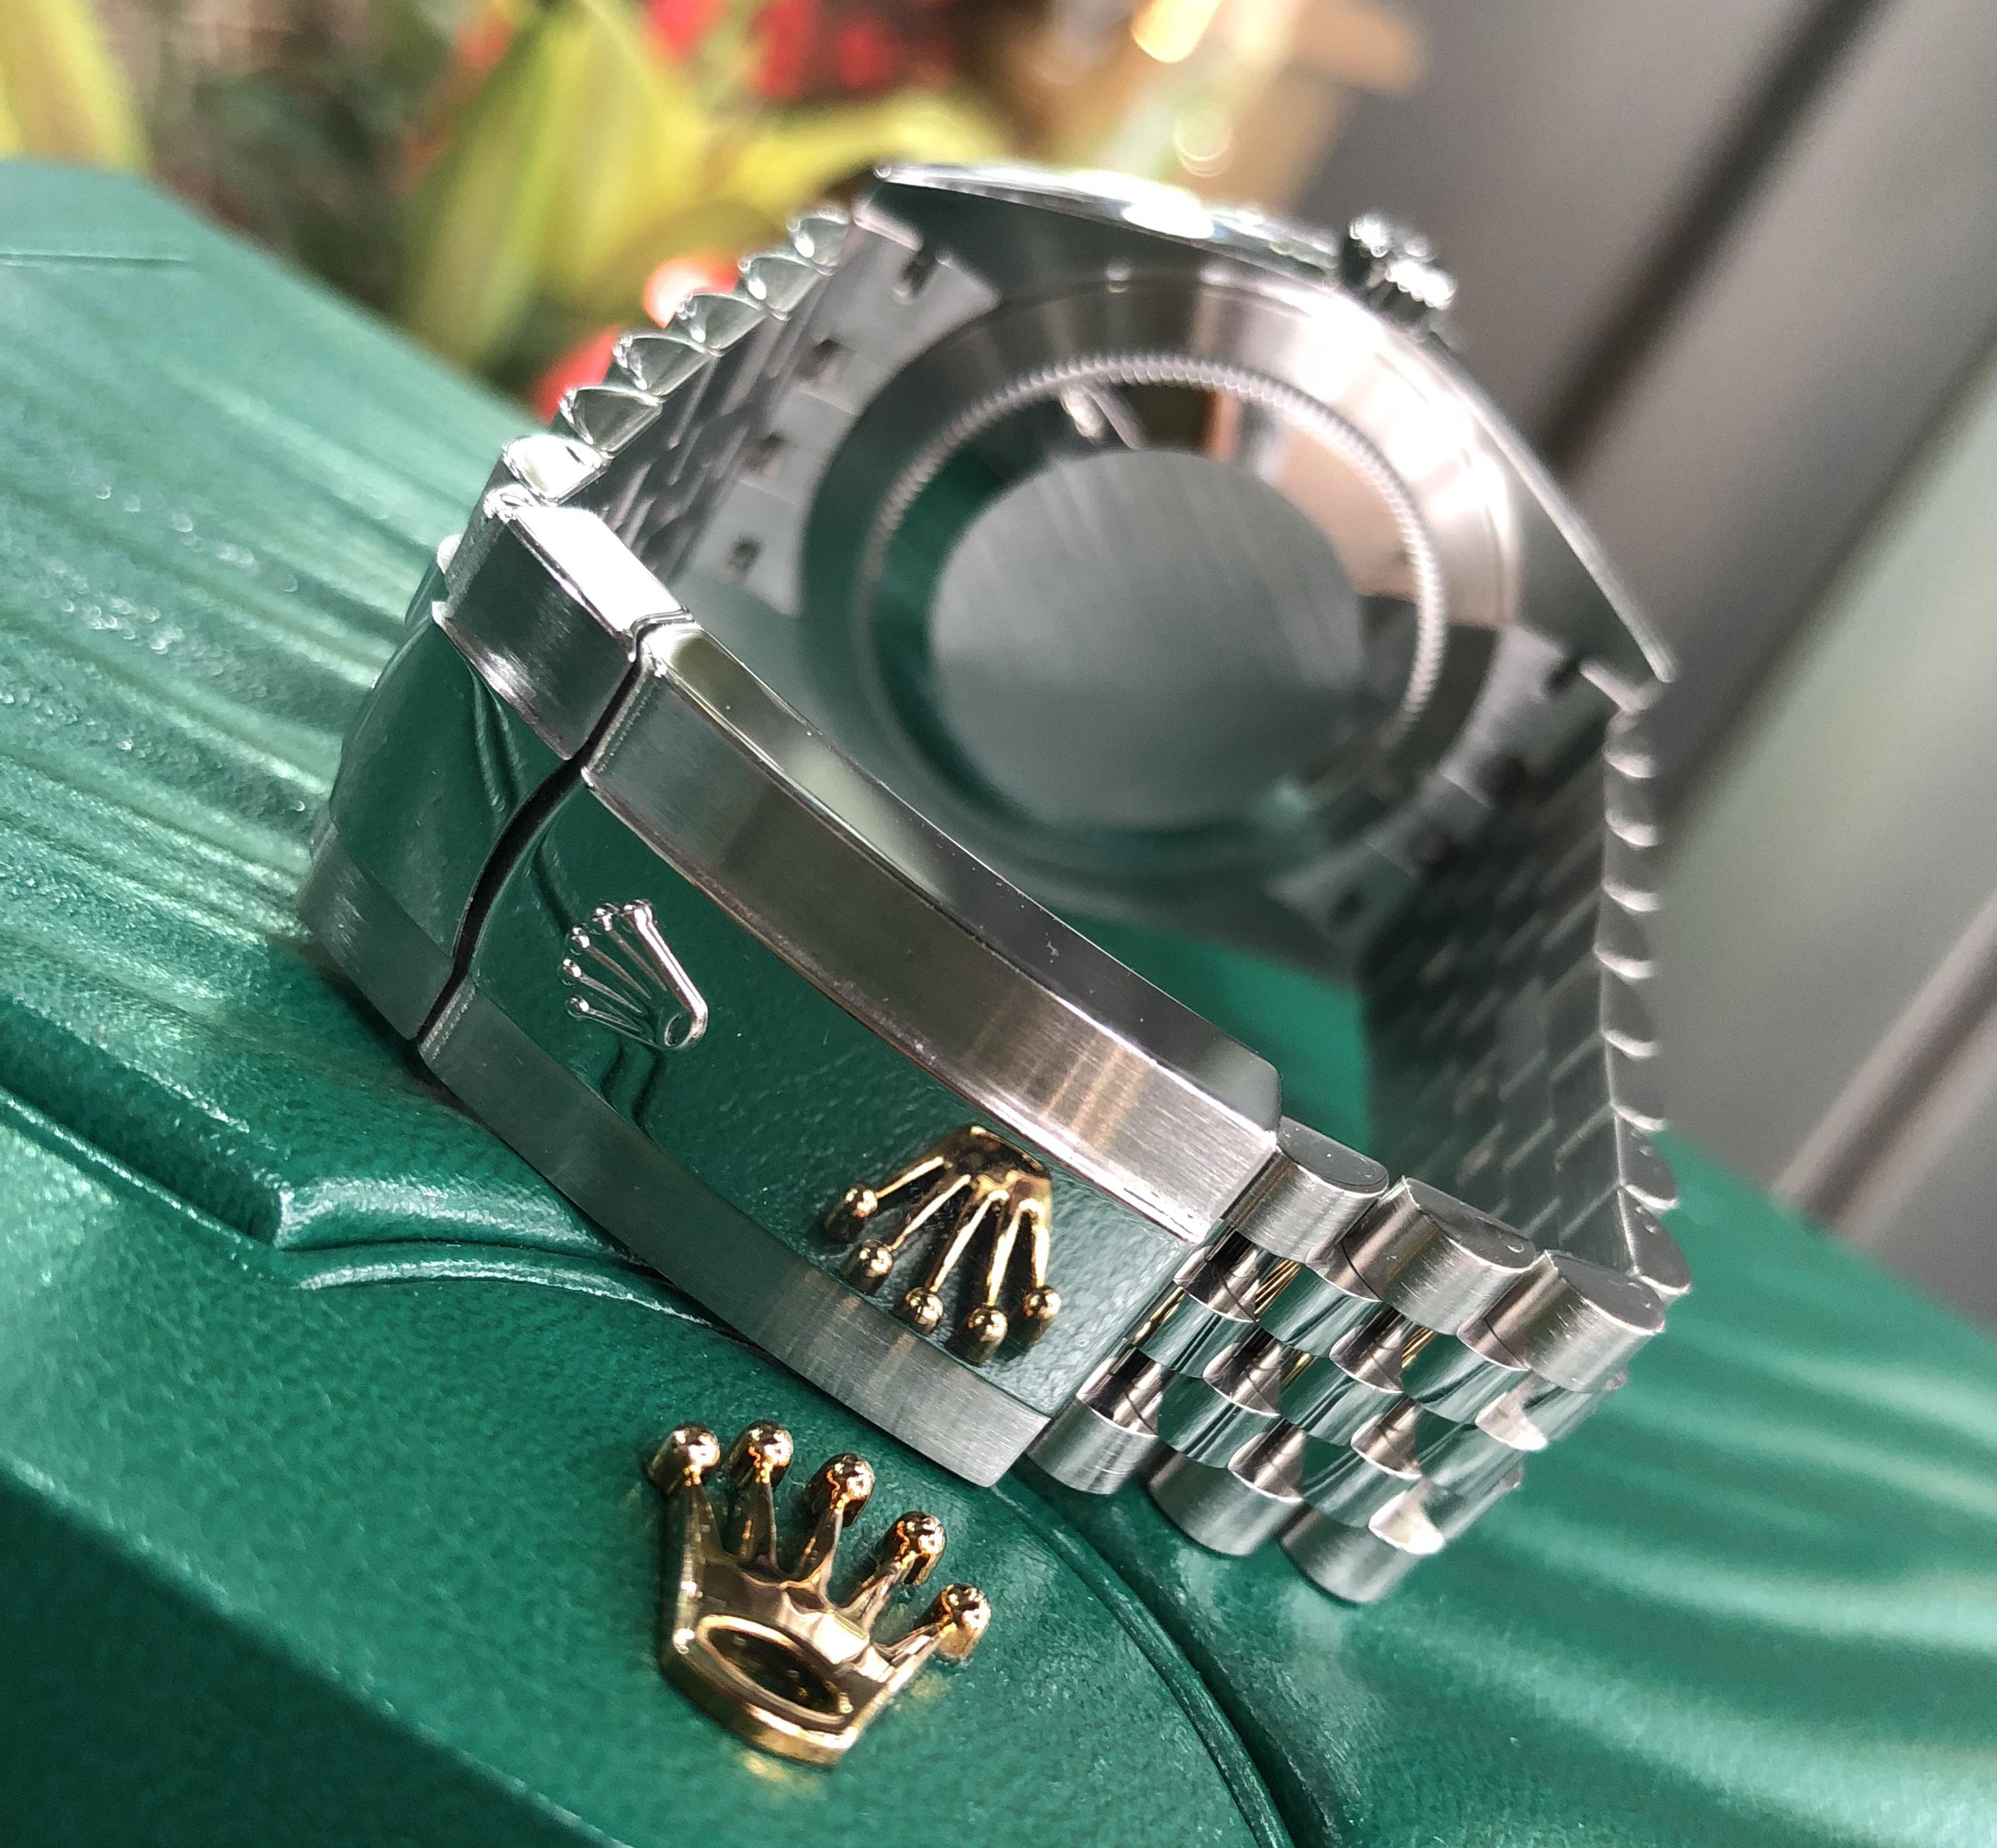 Rolex 126300 mặt đen chất liệu thép đời 2017/2018